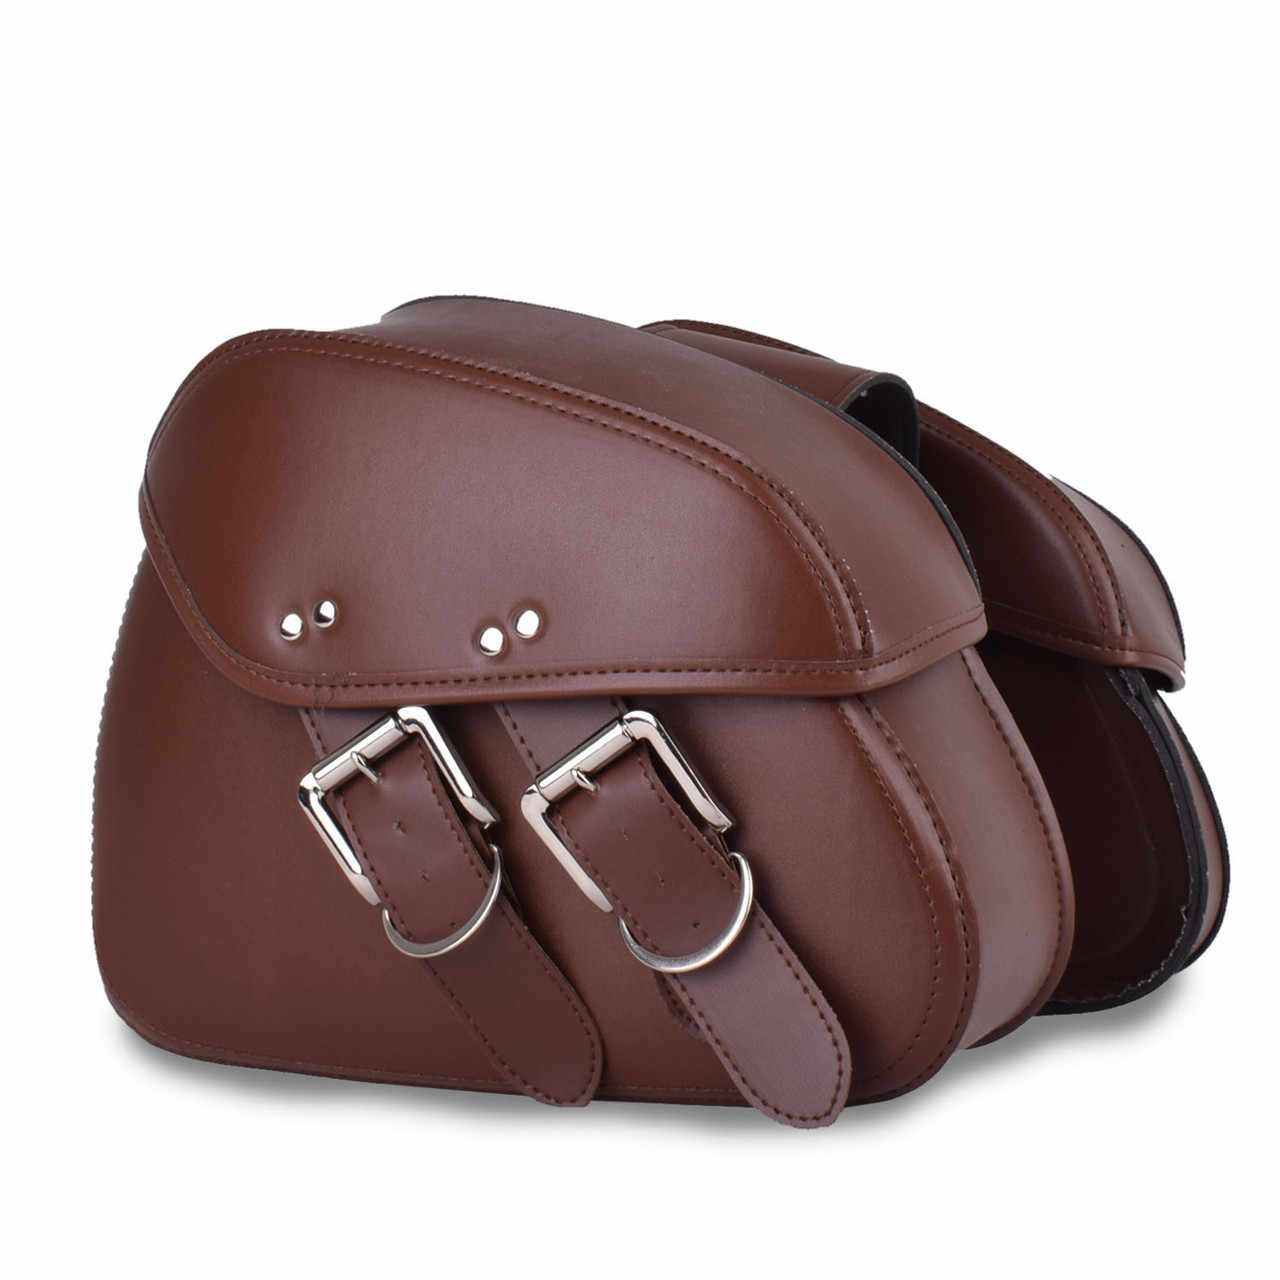 33*12*28 см сумка для мотоцикла чехол для мотоцикла Sacoche Bolsa Moto Bolso седло боковые сумки задний хвост сумка для инструментов седельный багажник